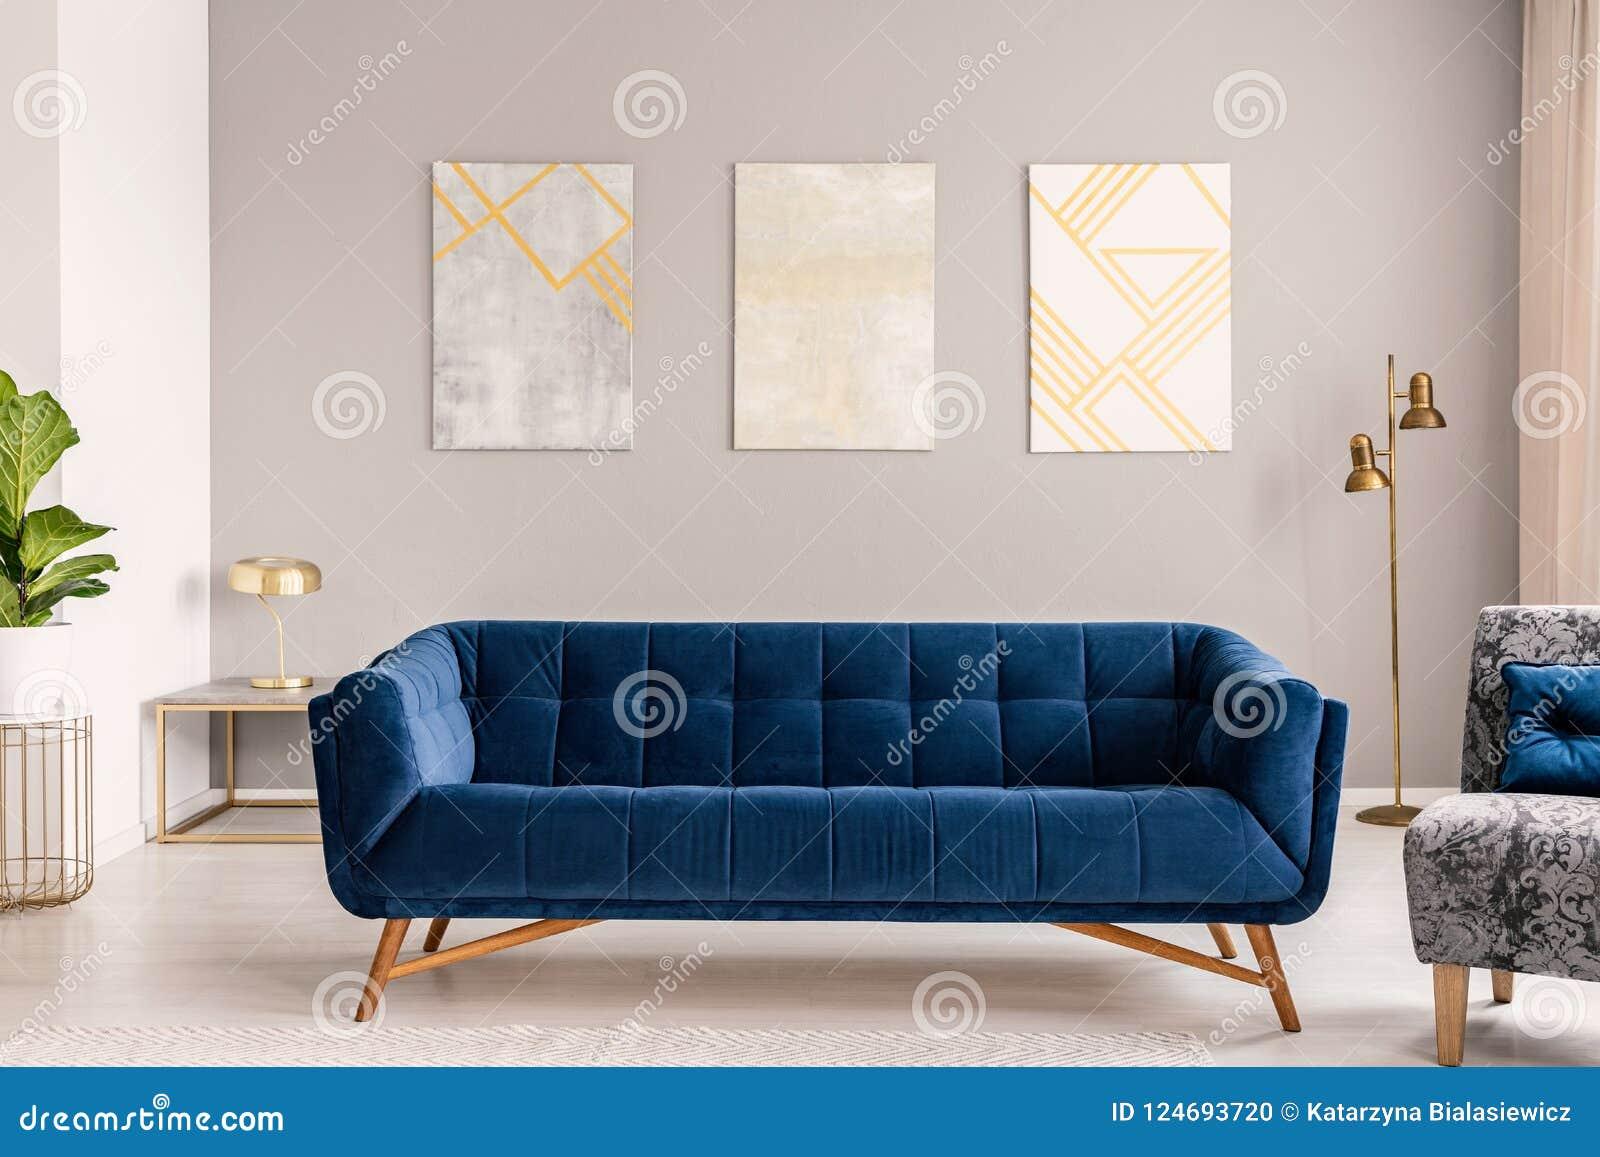 Peinture Gris Bleuté Clair canapé de bleu royal se tenant en vraie photo d'intérieur